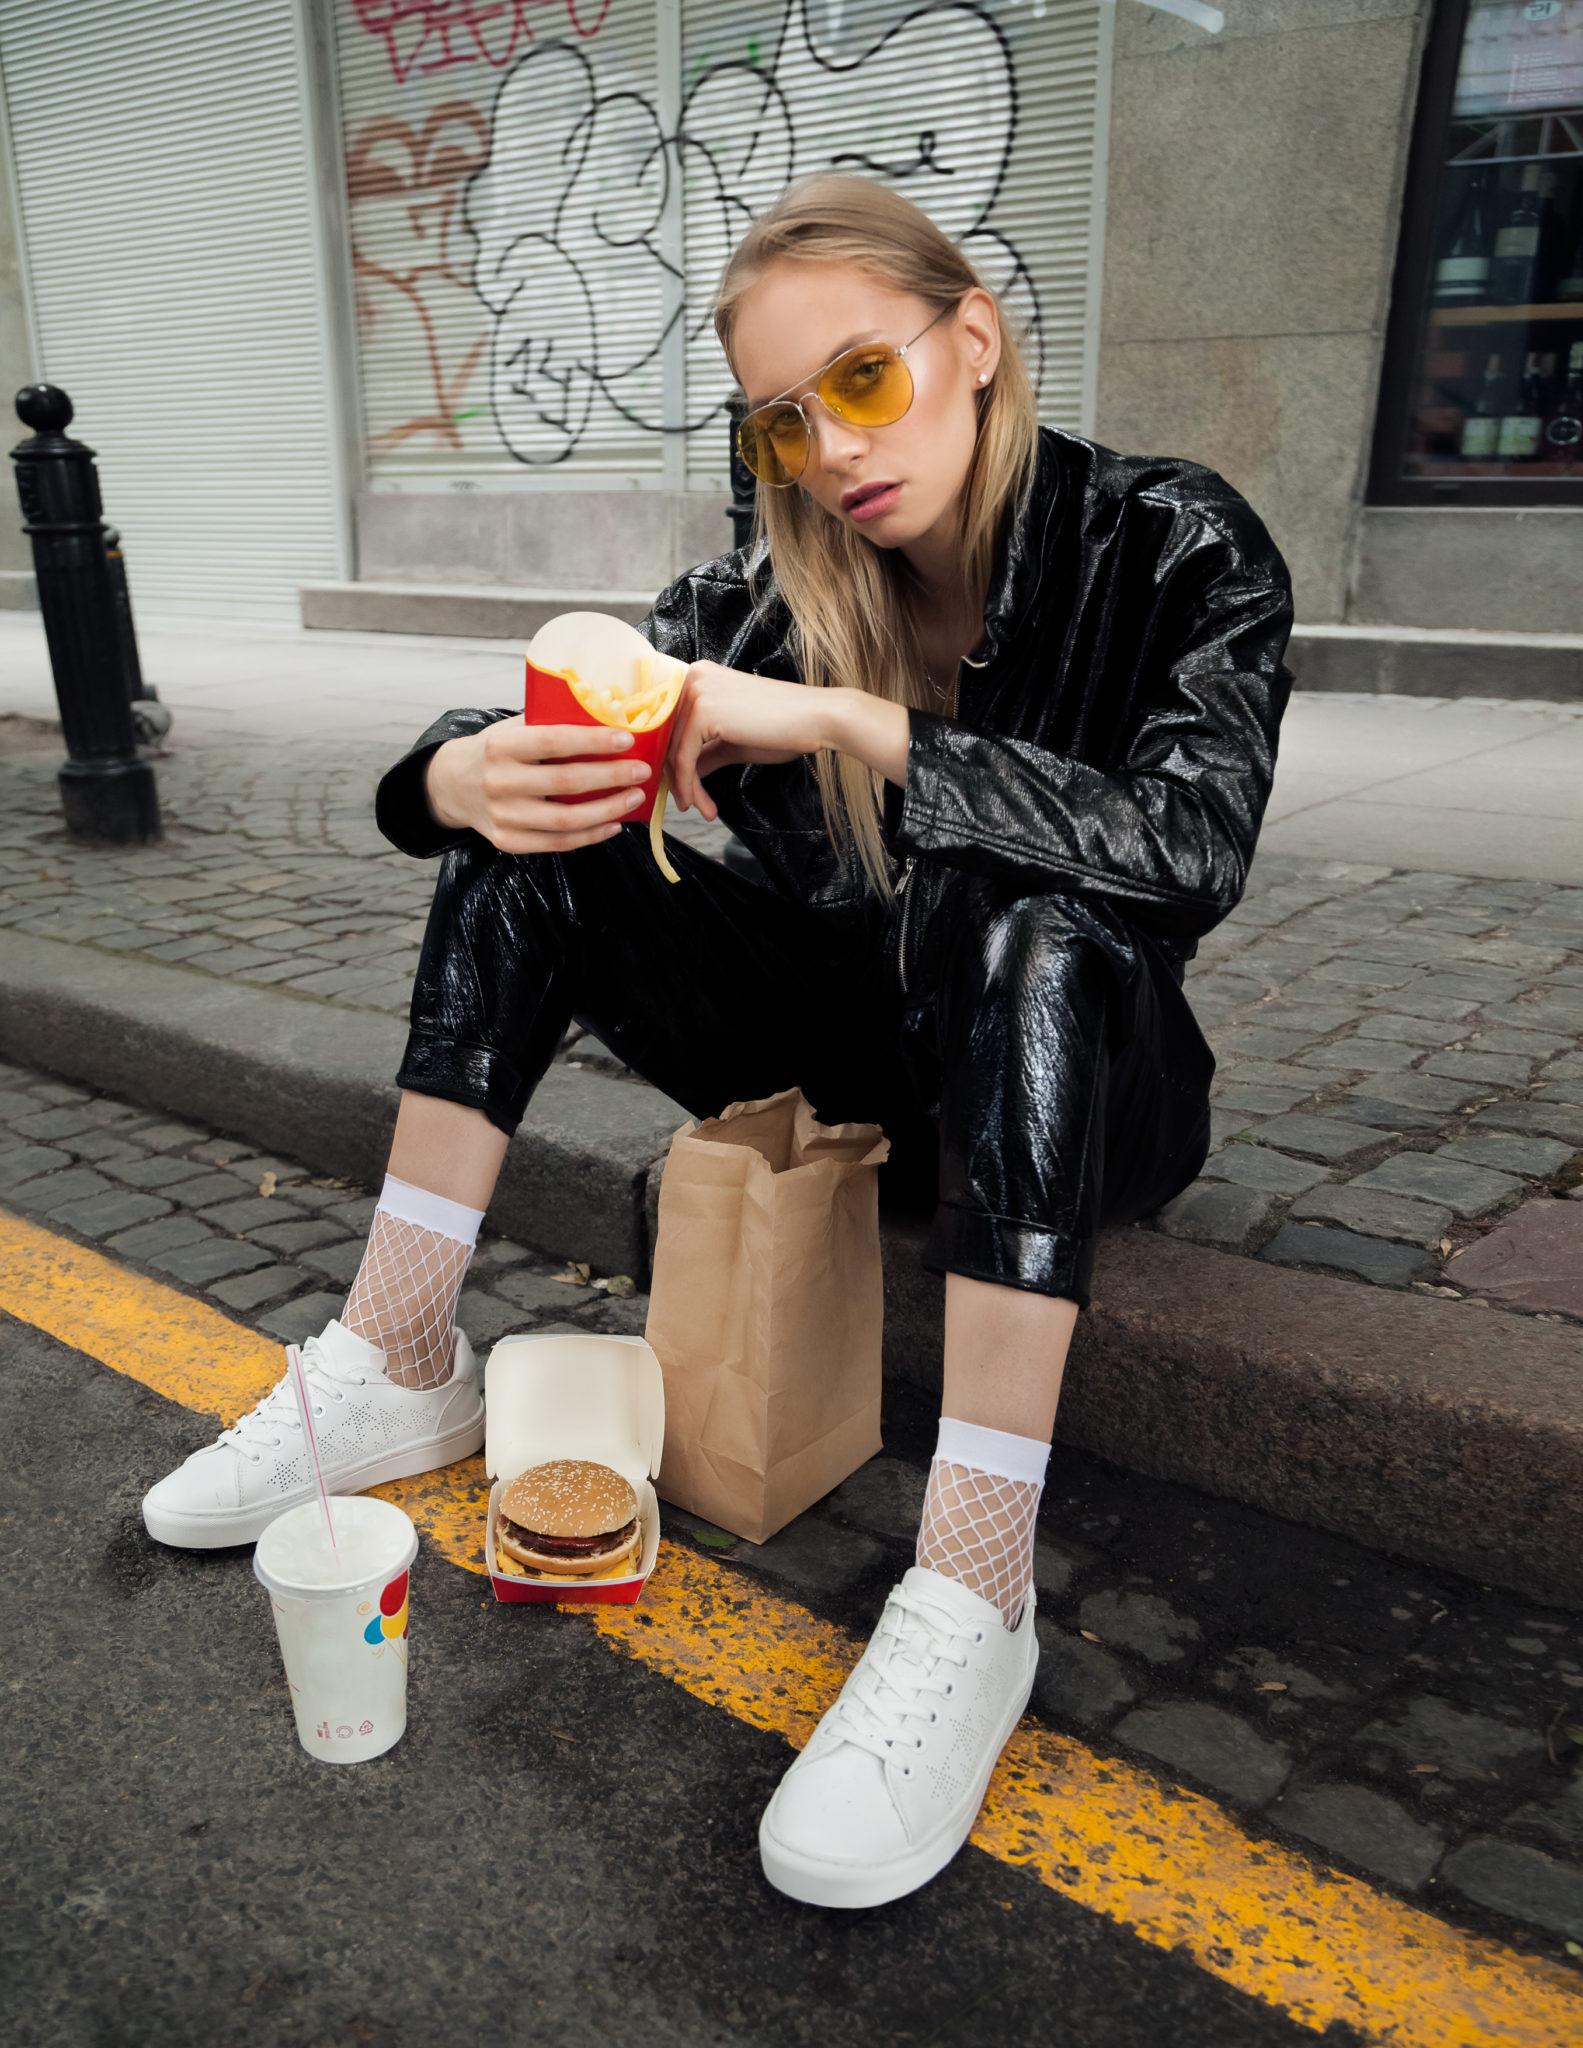 Dziewczyna w czarnych spodniach i kurce z białymi butatmi i przezroczystymi skarpetami siedzi na kraweżniku z frytkami w ręku